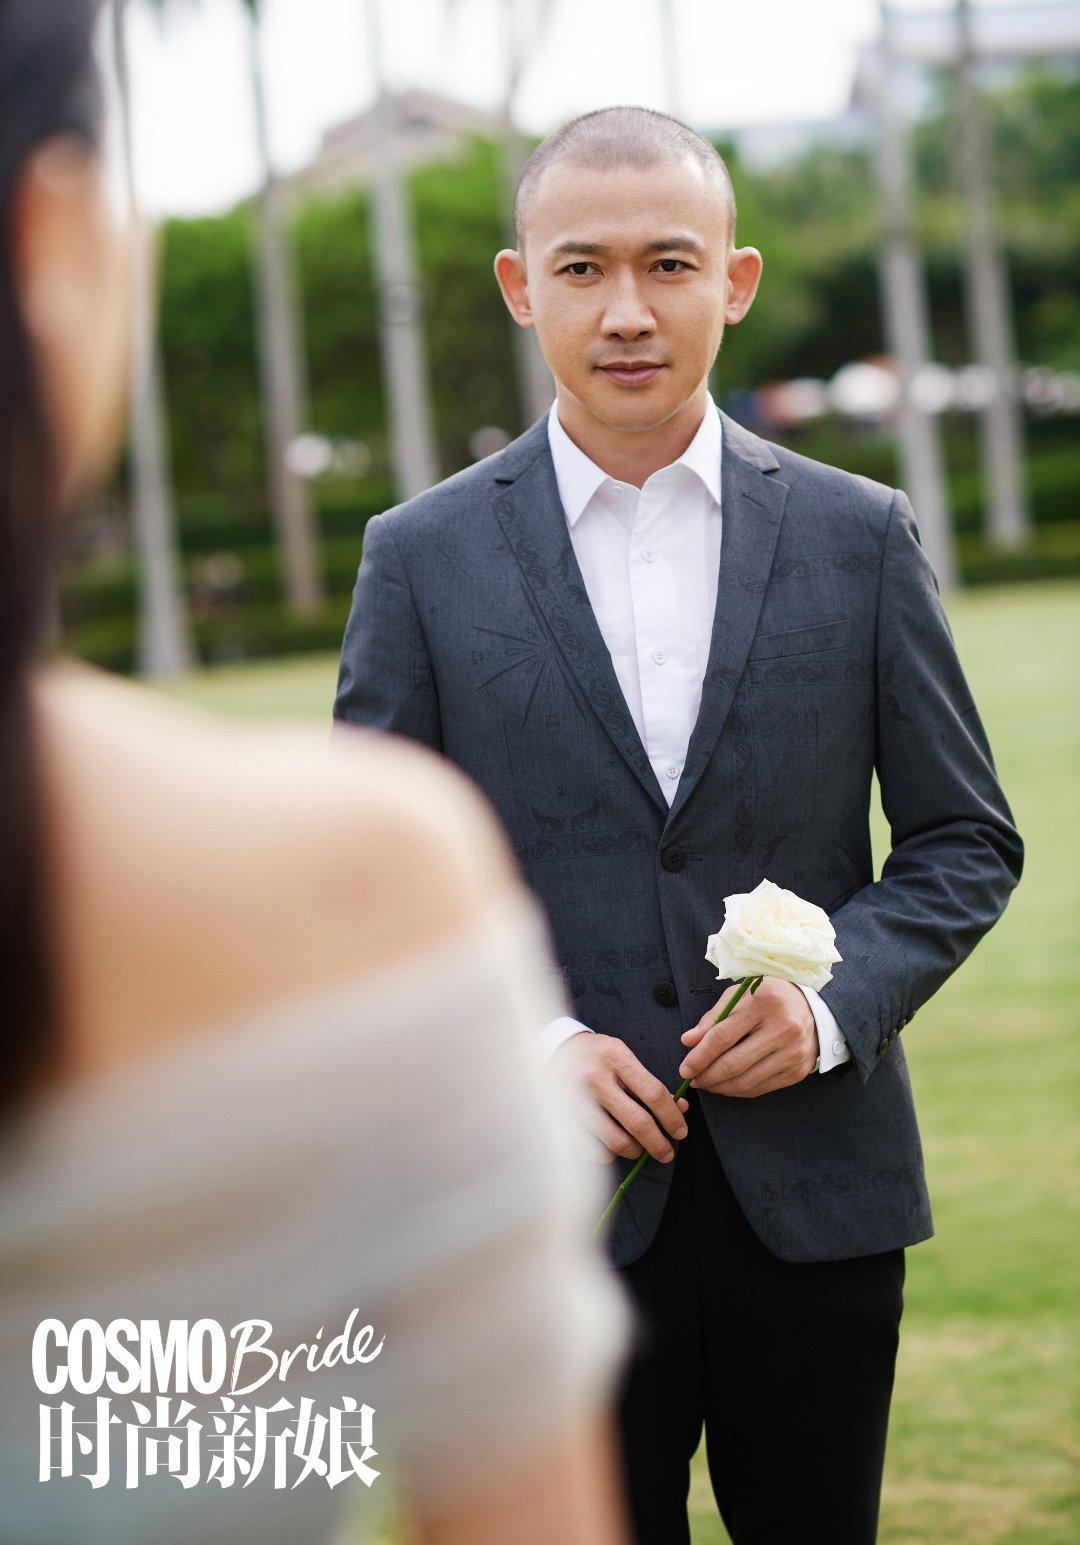 欢娱影视演员@聂远 《时尚新娘COSMOBride》封面大片今日发布